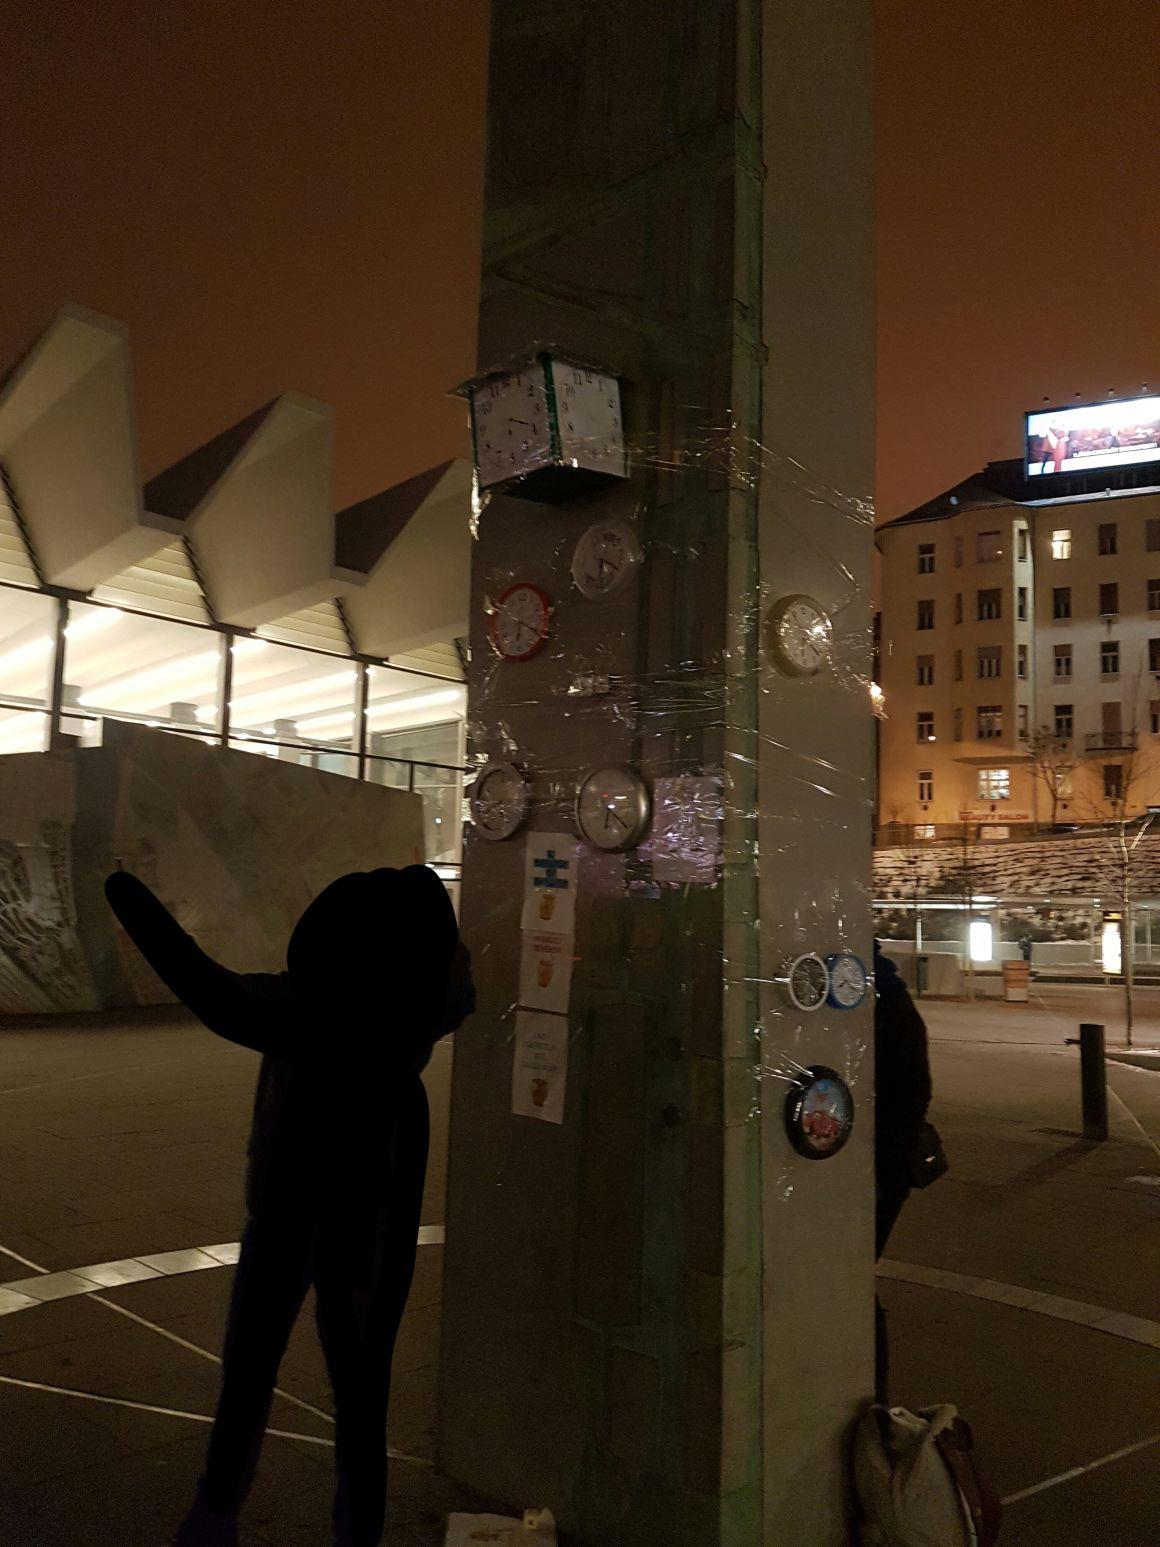 Nyilván soha az életben nem fog járni a Moszkva téri óra, ezért a városlakók megint magántulajdonú órákat fognak ráragasztani